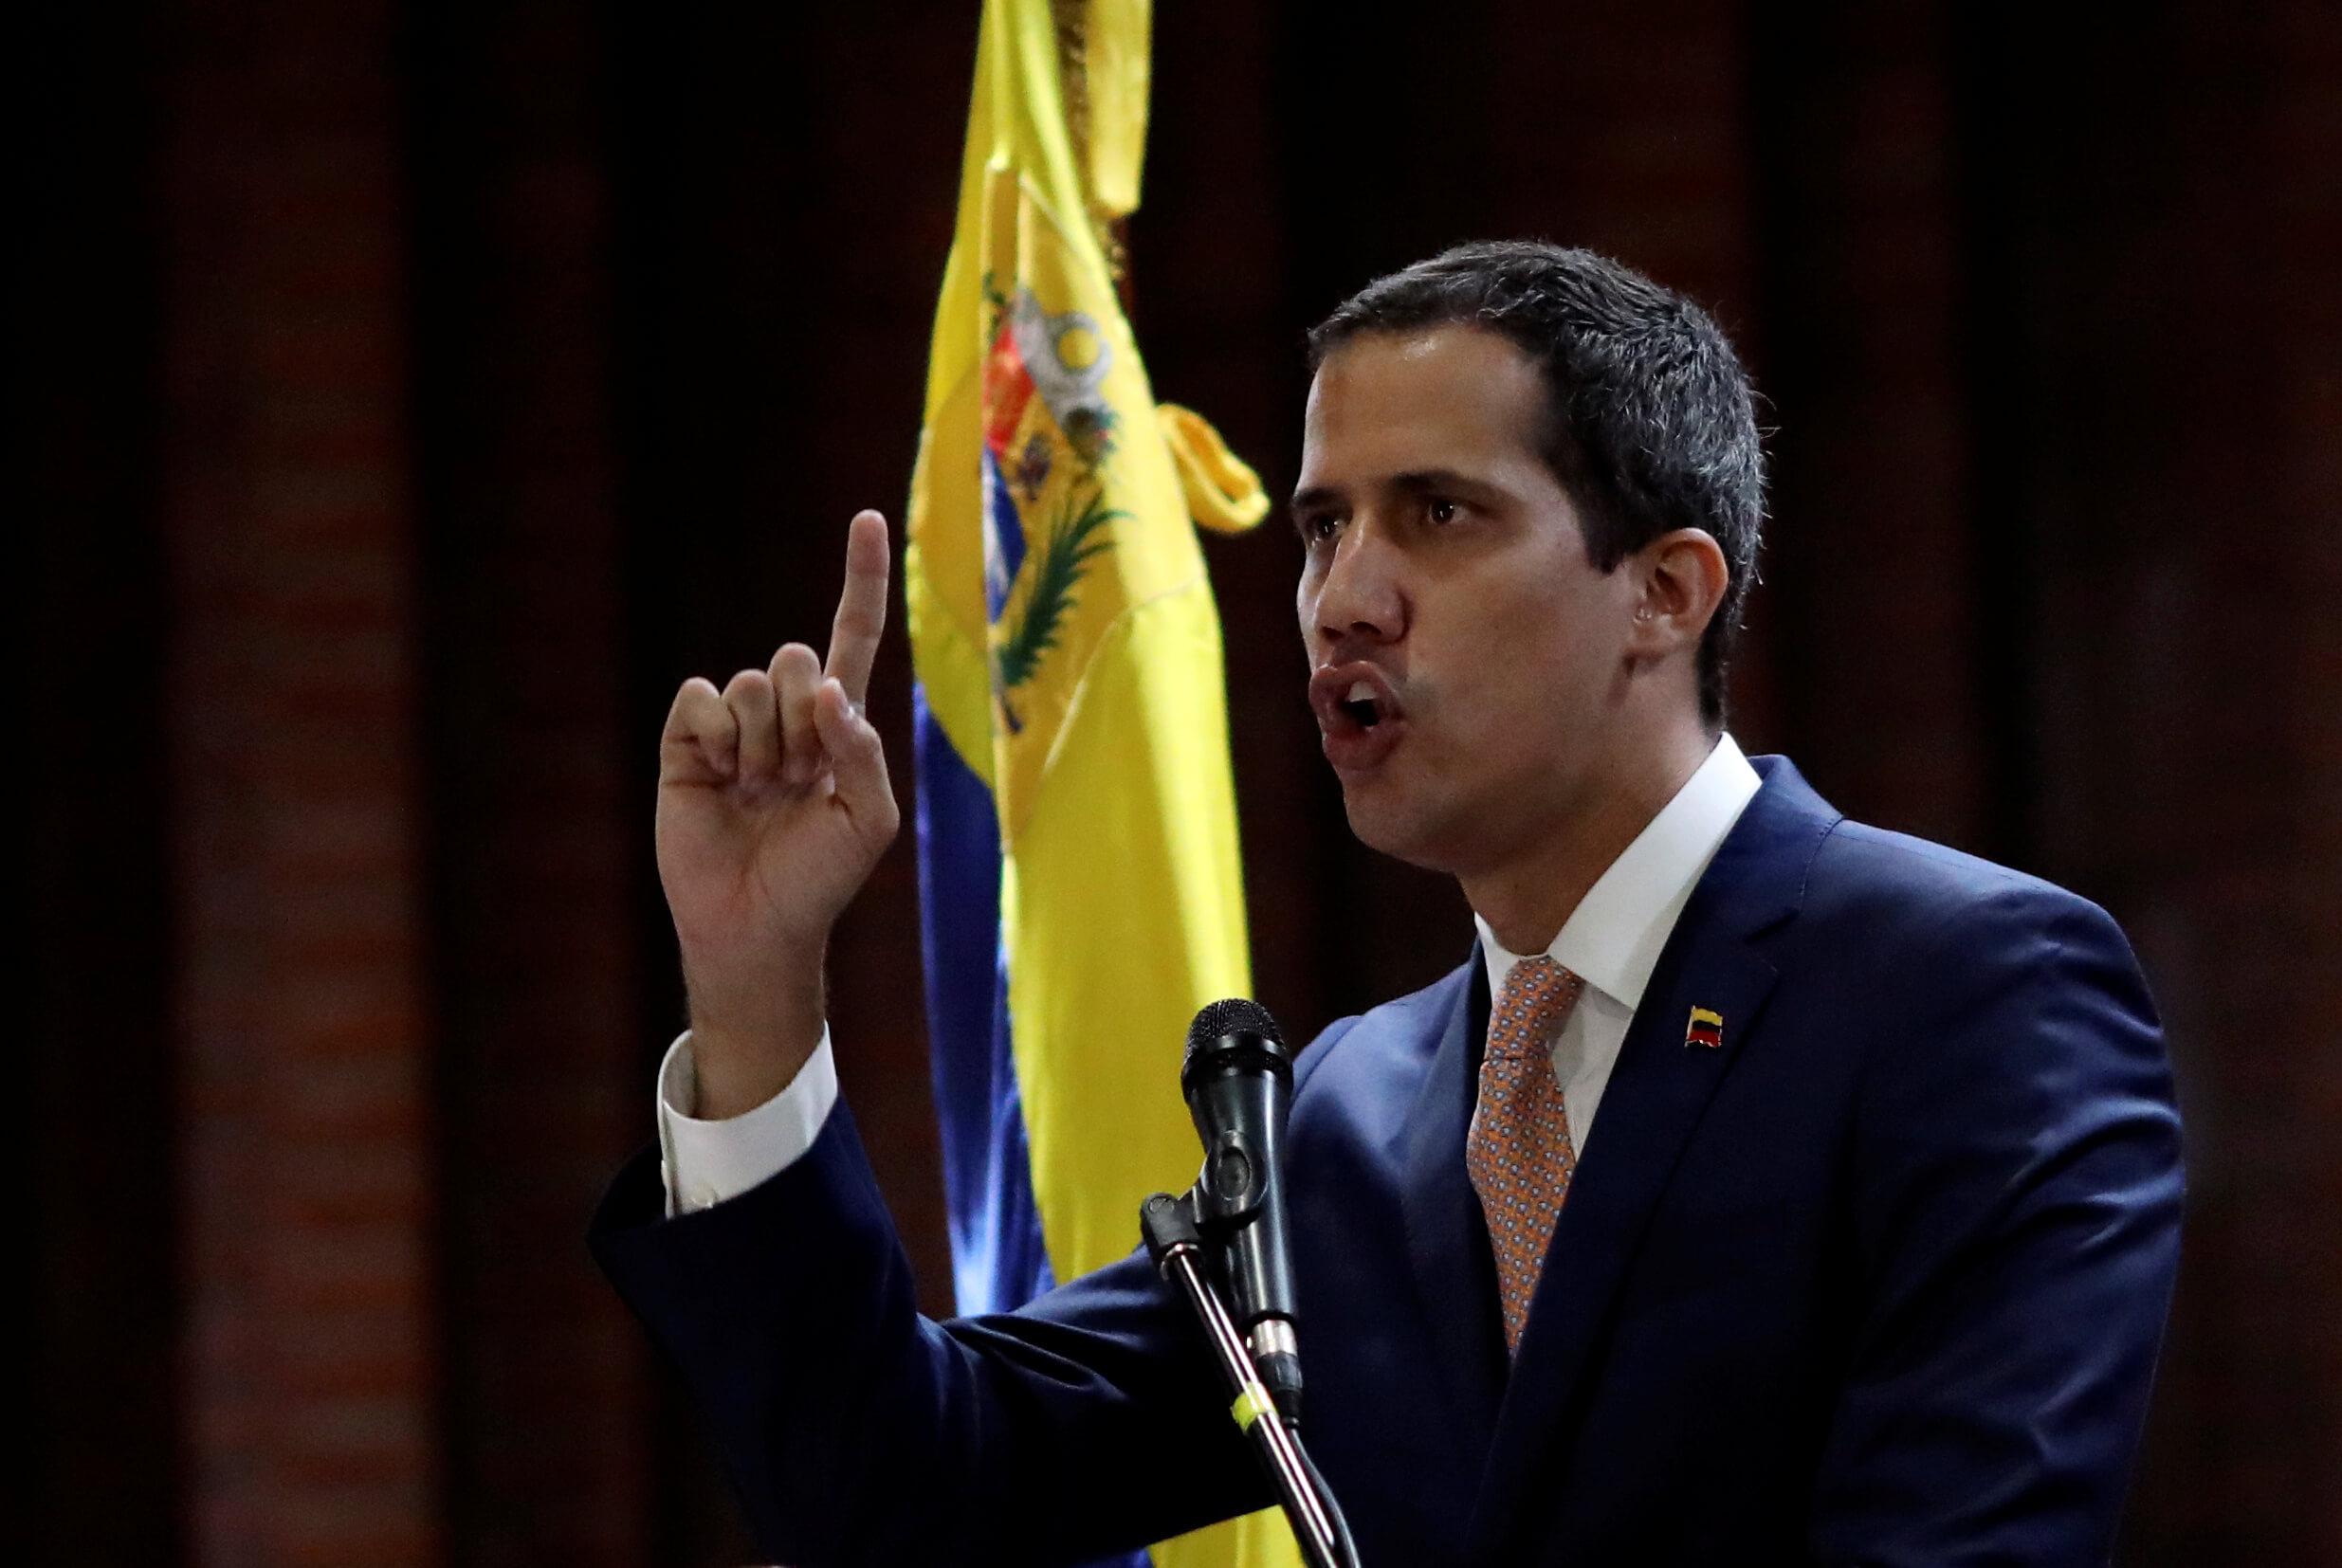 Foto: El líder opositor Juan Guaidó asiste a una reunión con políticos en Caracas, Venezuela. El 1 de abril de 2019